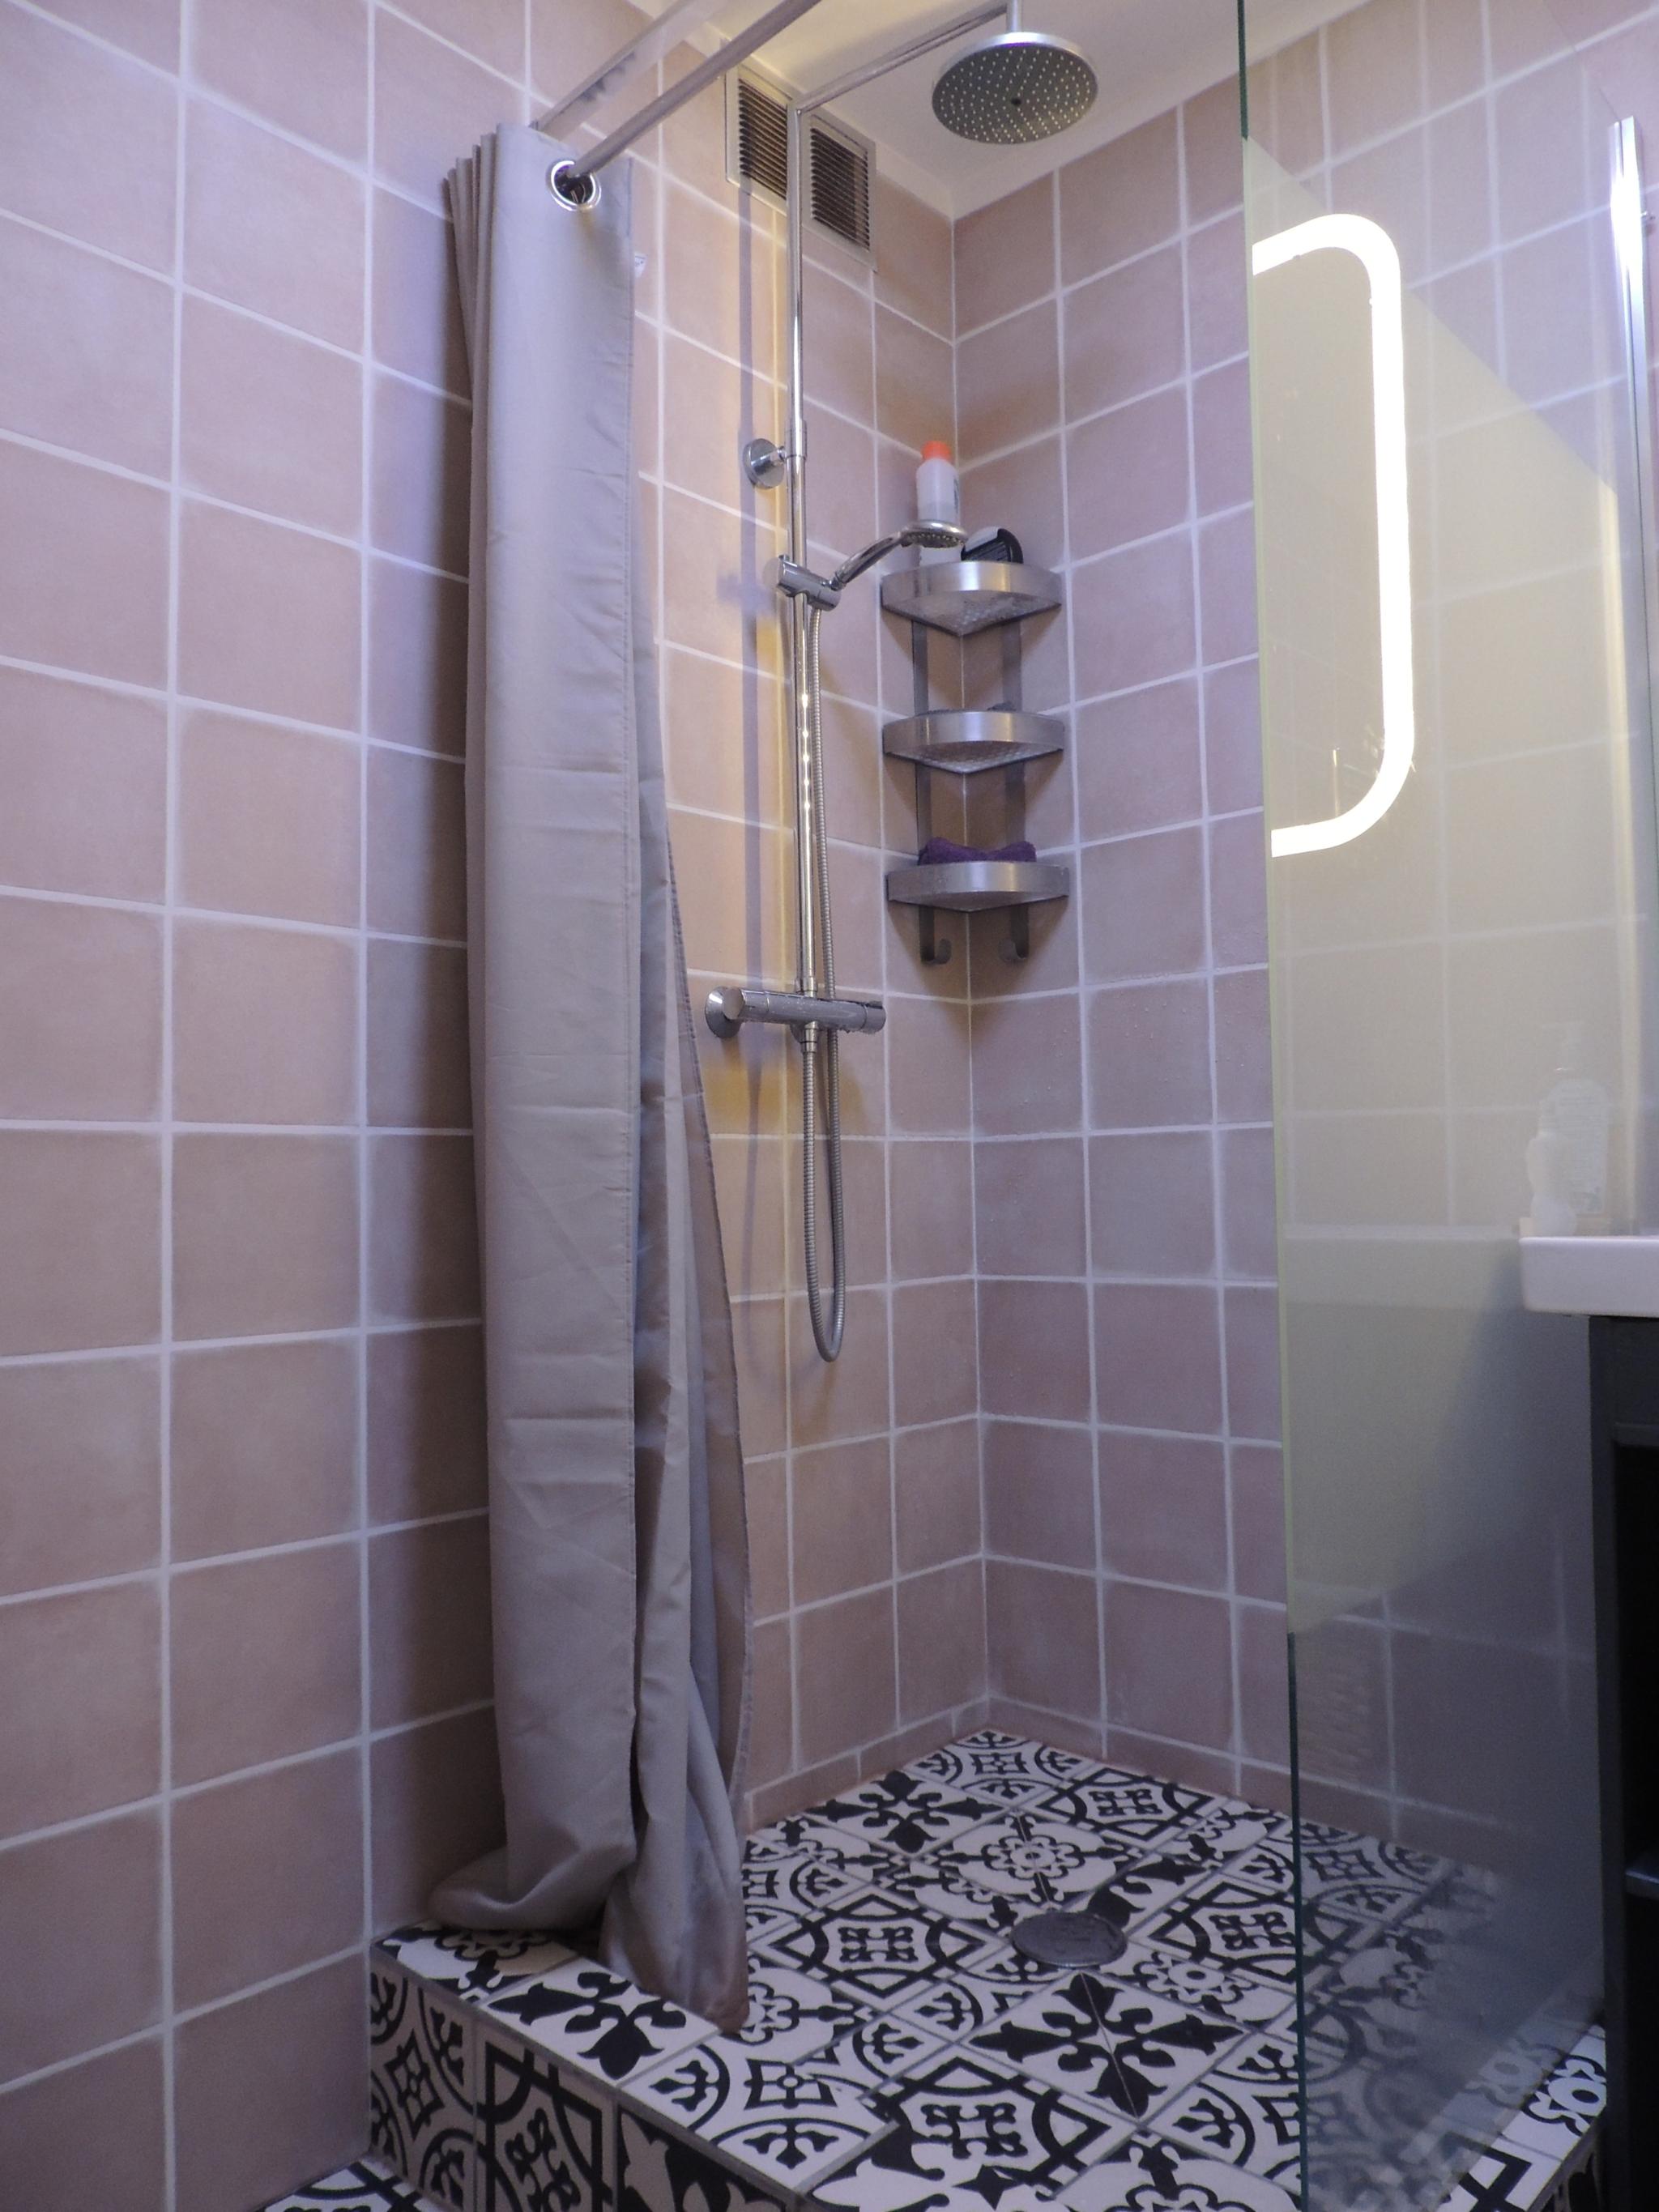 Rénovation Salle De Bain Avant Après clemeco | chantier rénovation salle de bain (avant/après)